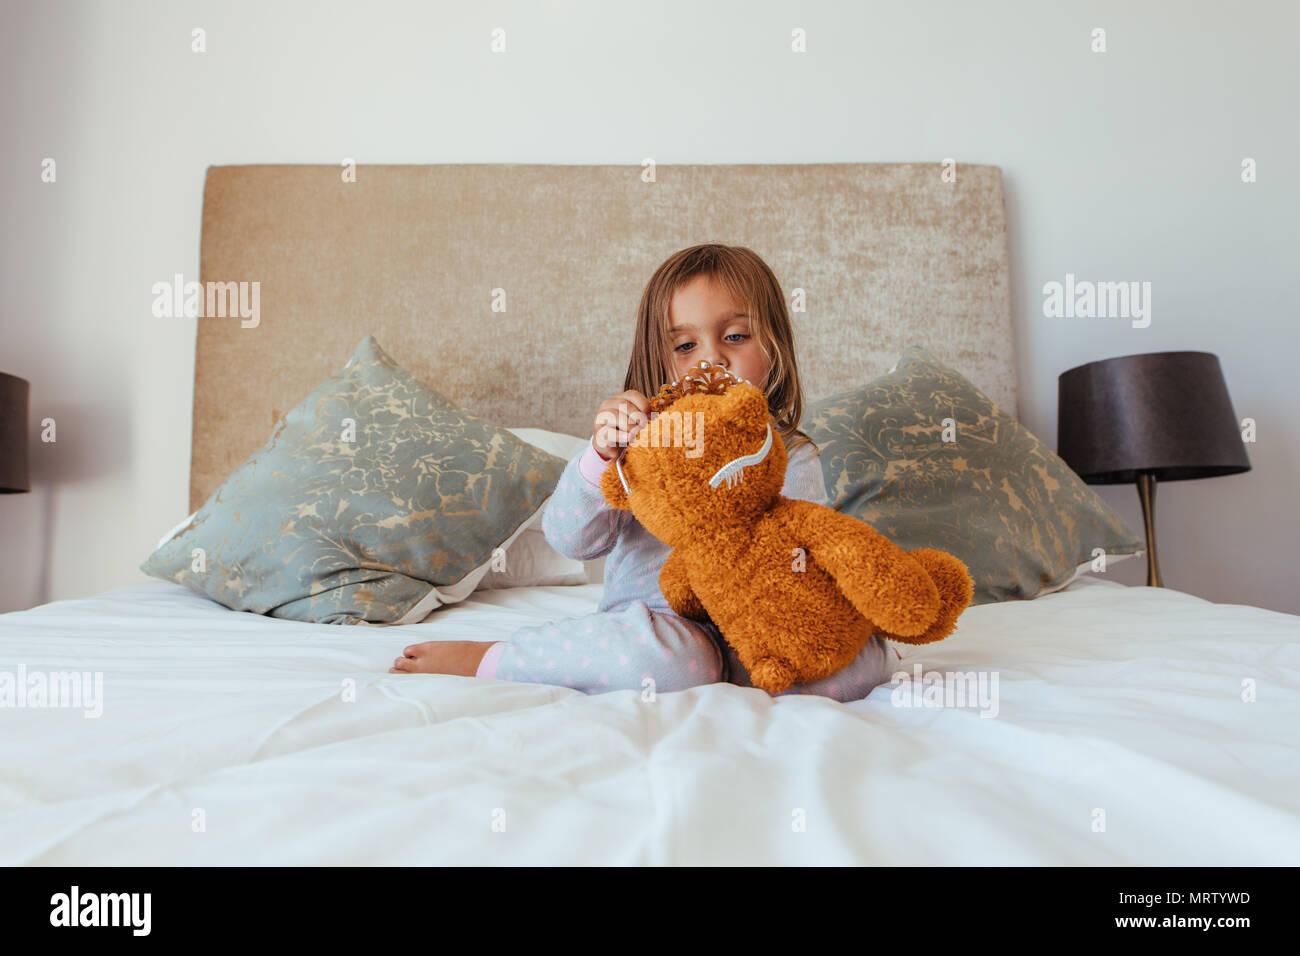 Cute Little Baby Girl poner una corona sobre su oso de peluche. Inocente niña jugando con su muñeco de peluche. Imagen De Stock